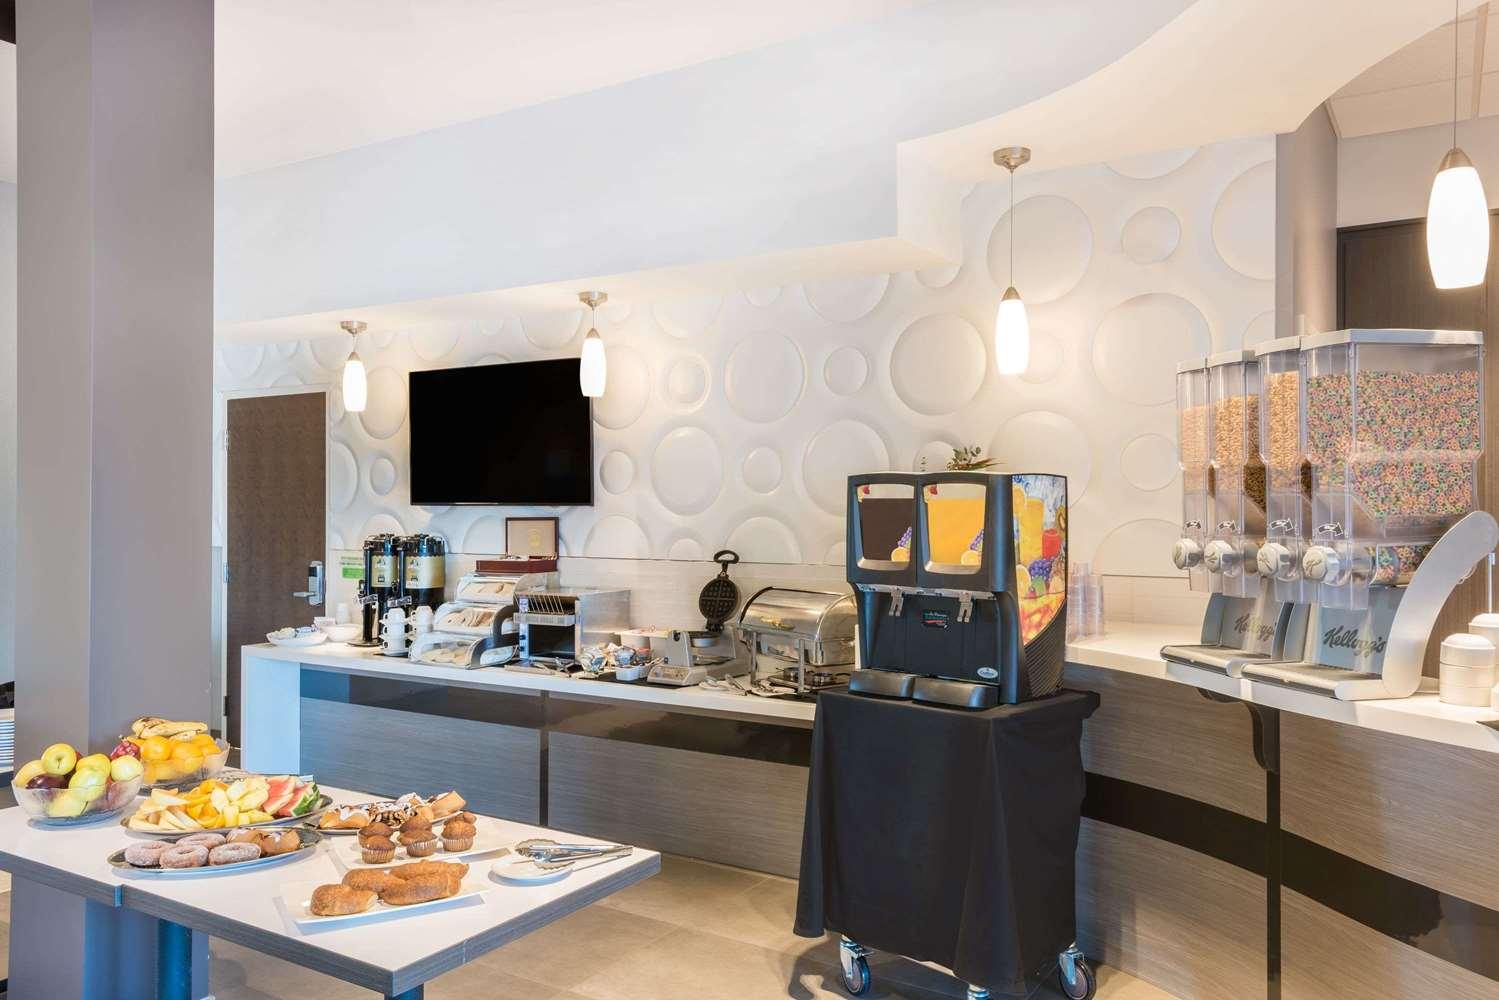 proam - Wingate by Wyndham Hotel Dieppe